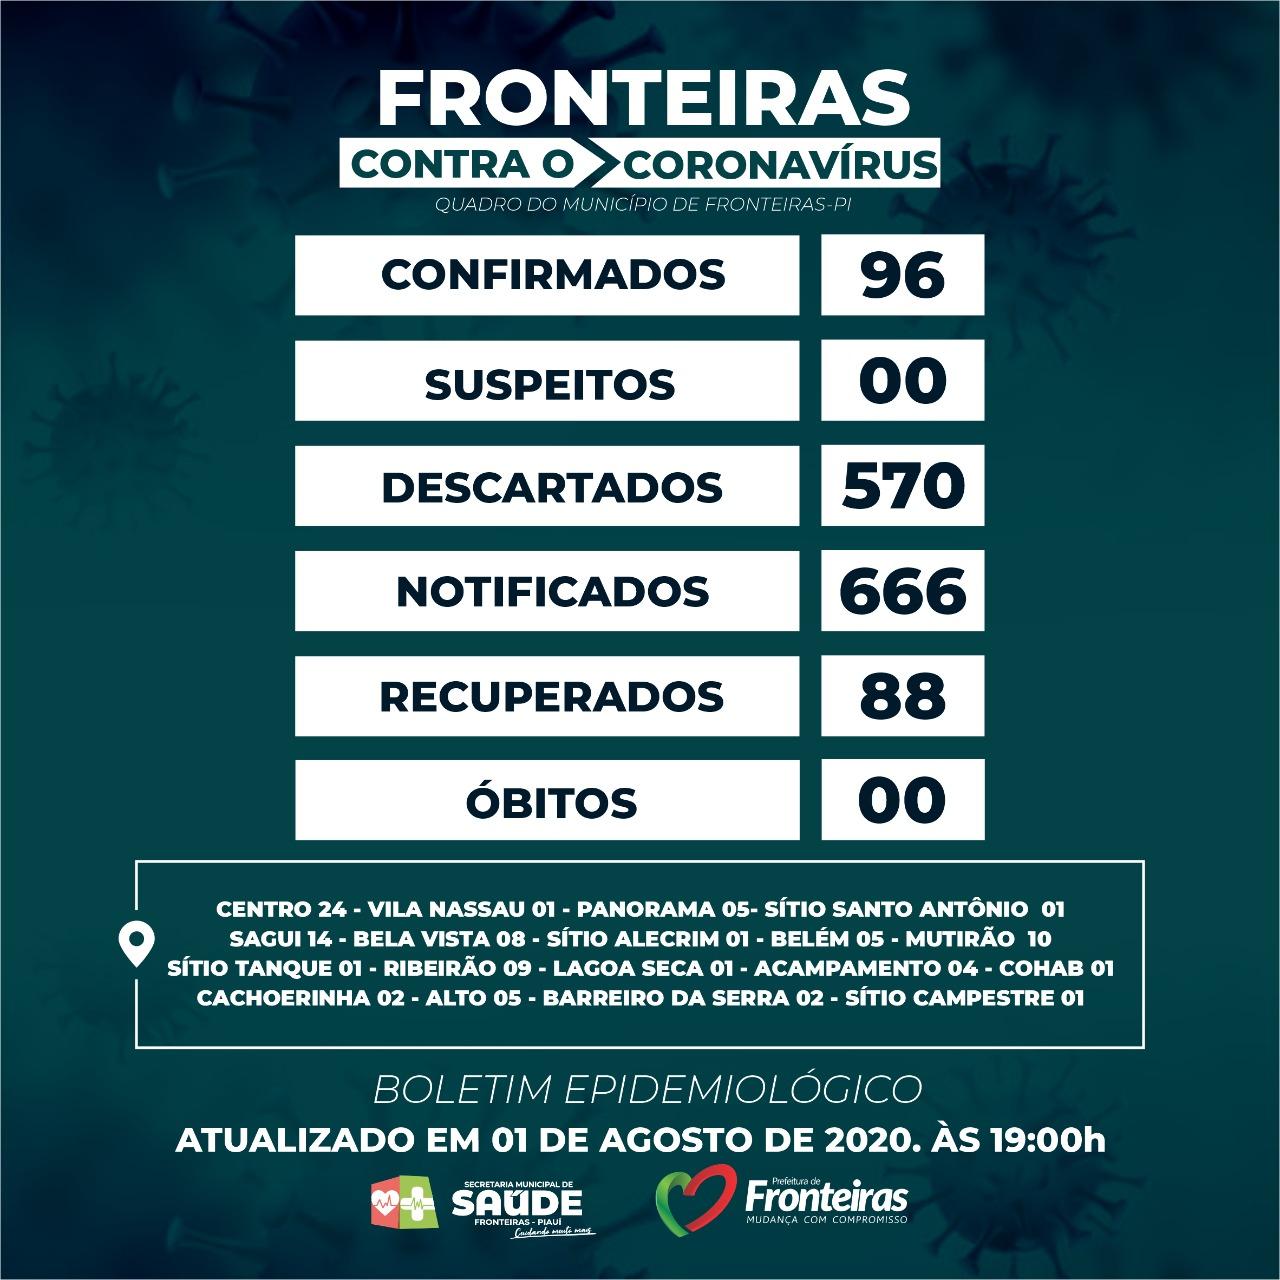 FRONTEIRAS(PI) - BOLETIM EPIDEMIOLÓGICO DE 01/08/2020